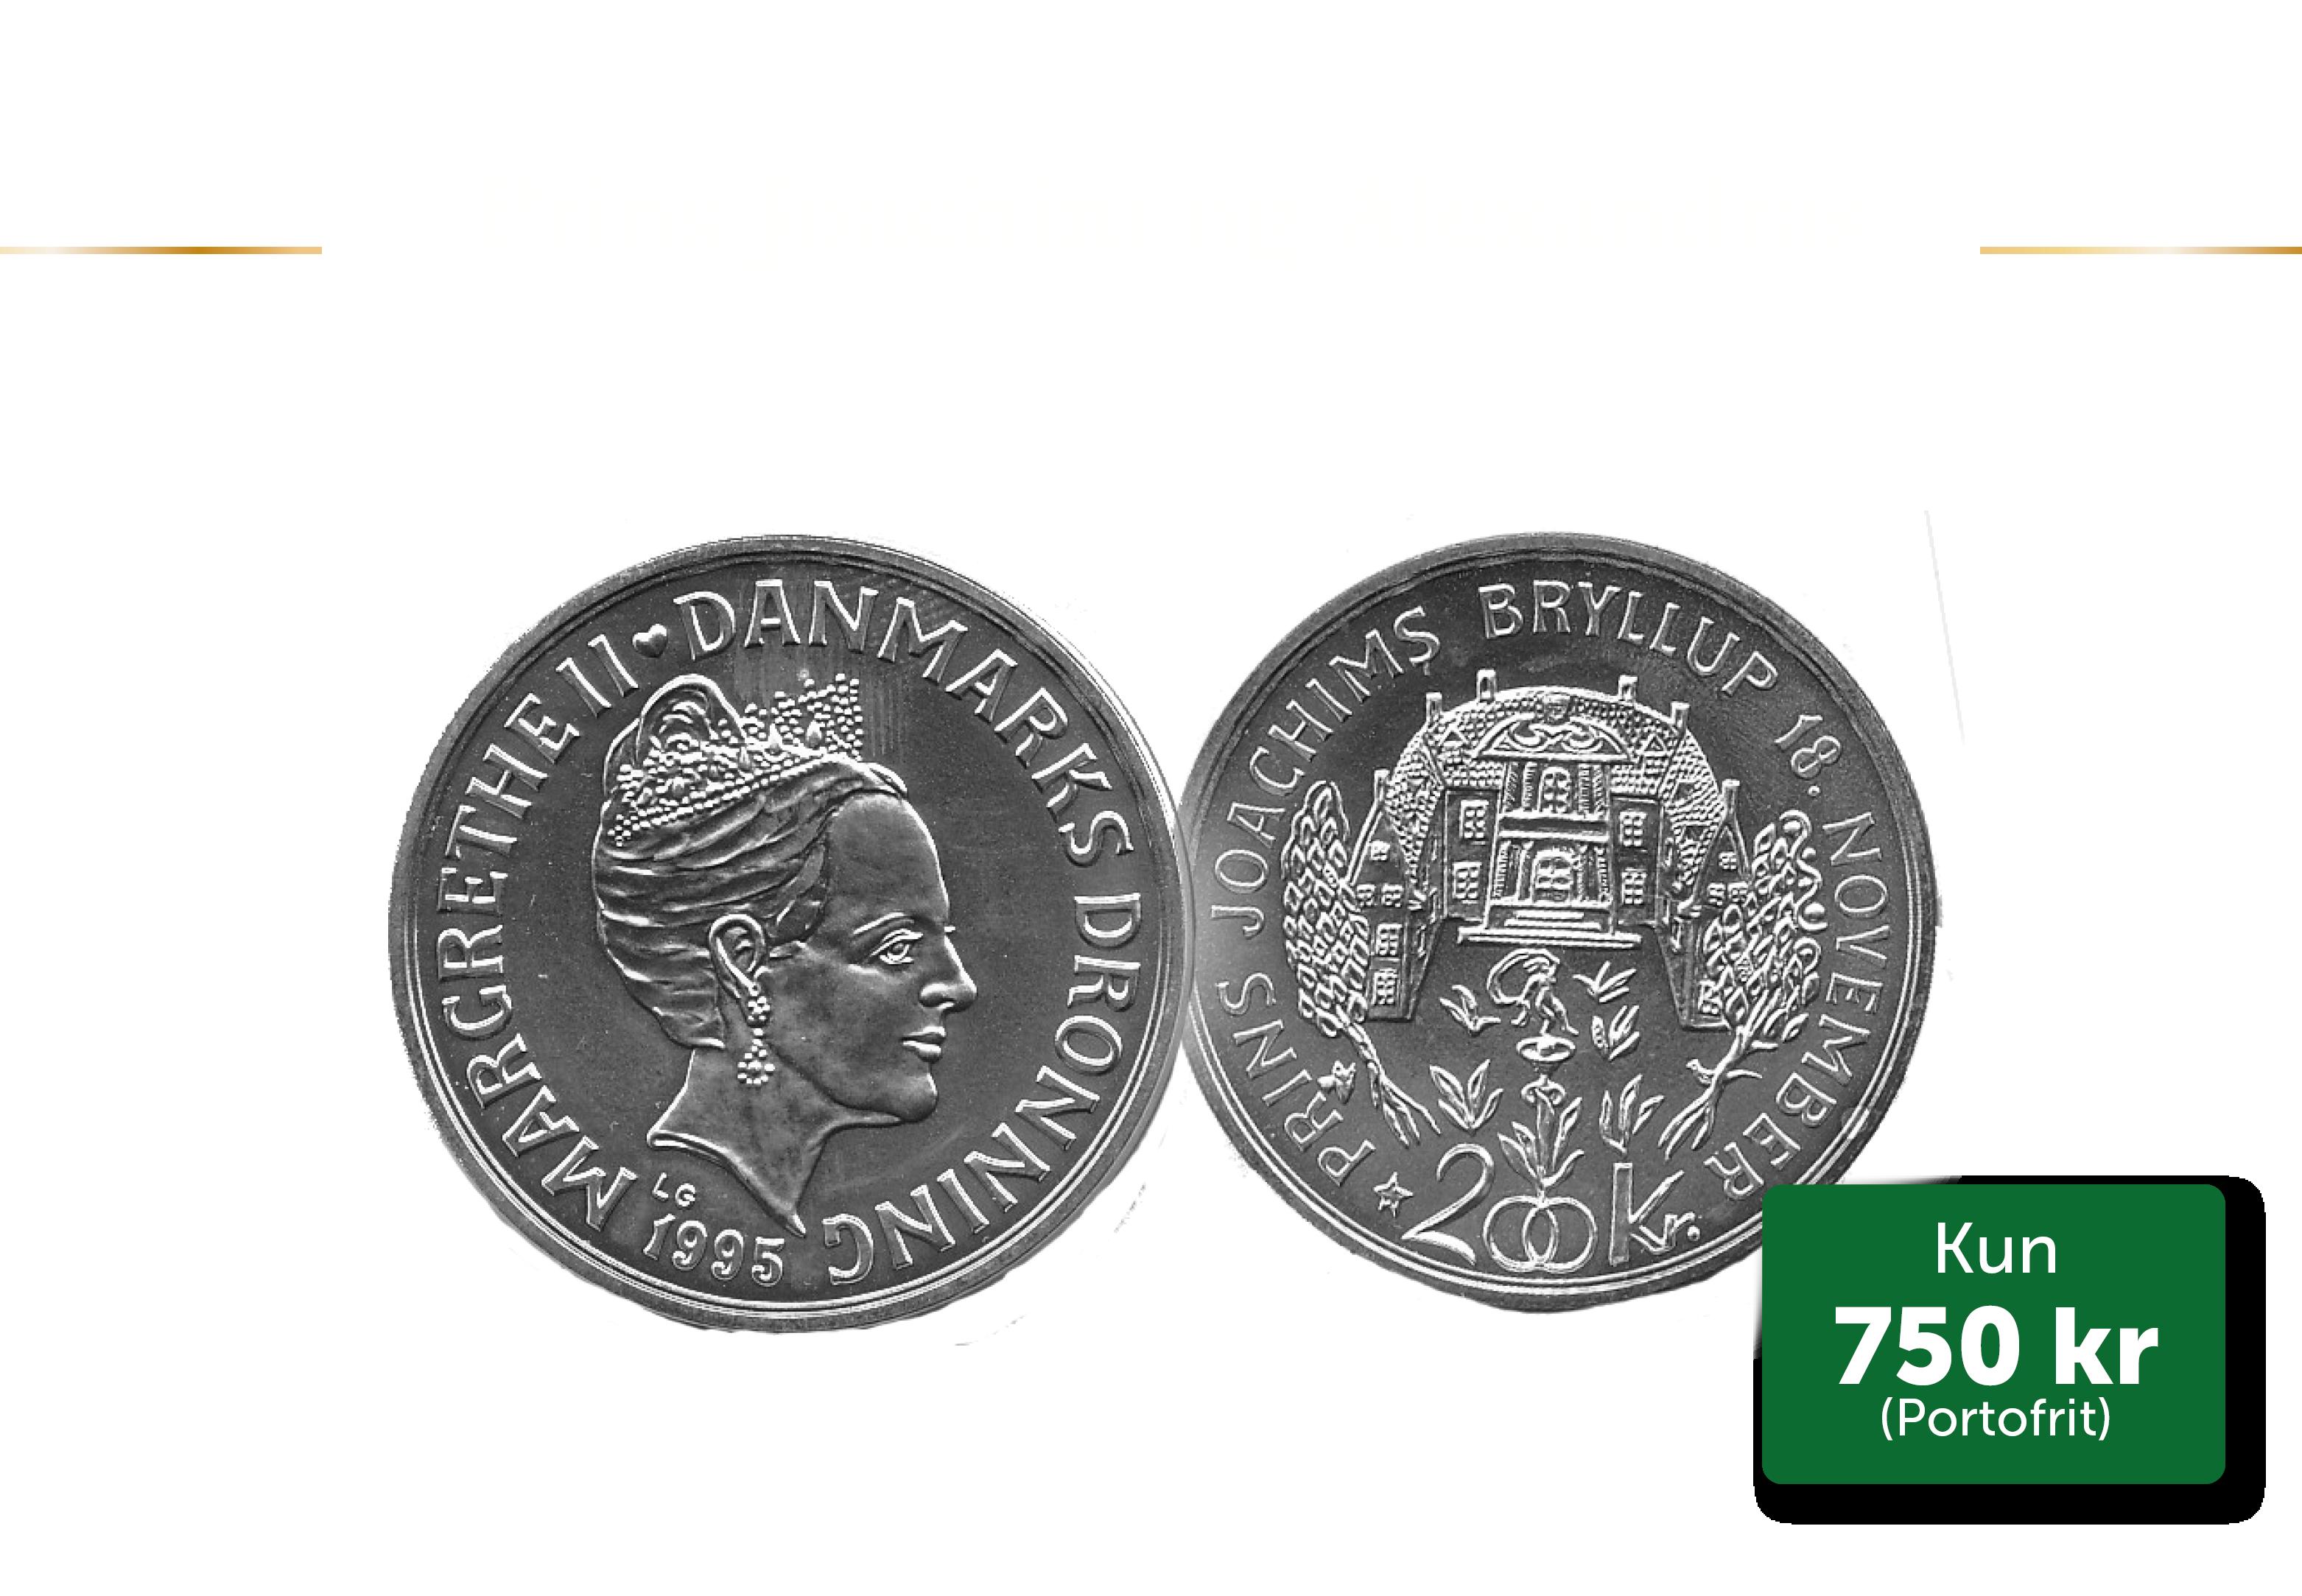 200 kr med Joachim og Alexandra bryllupsmønt fra 1995